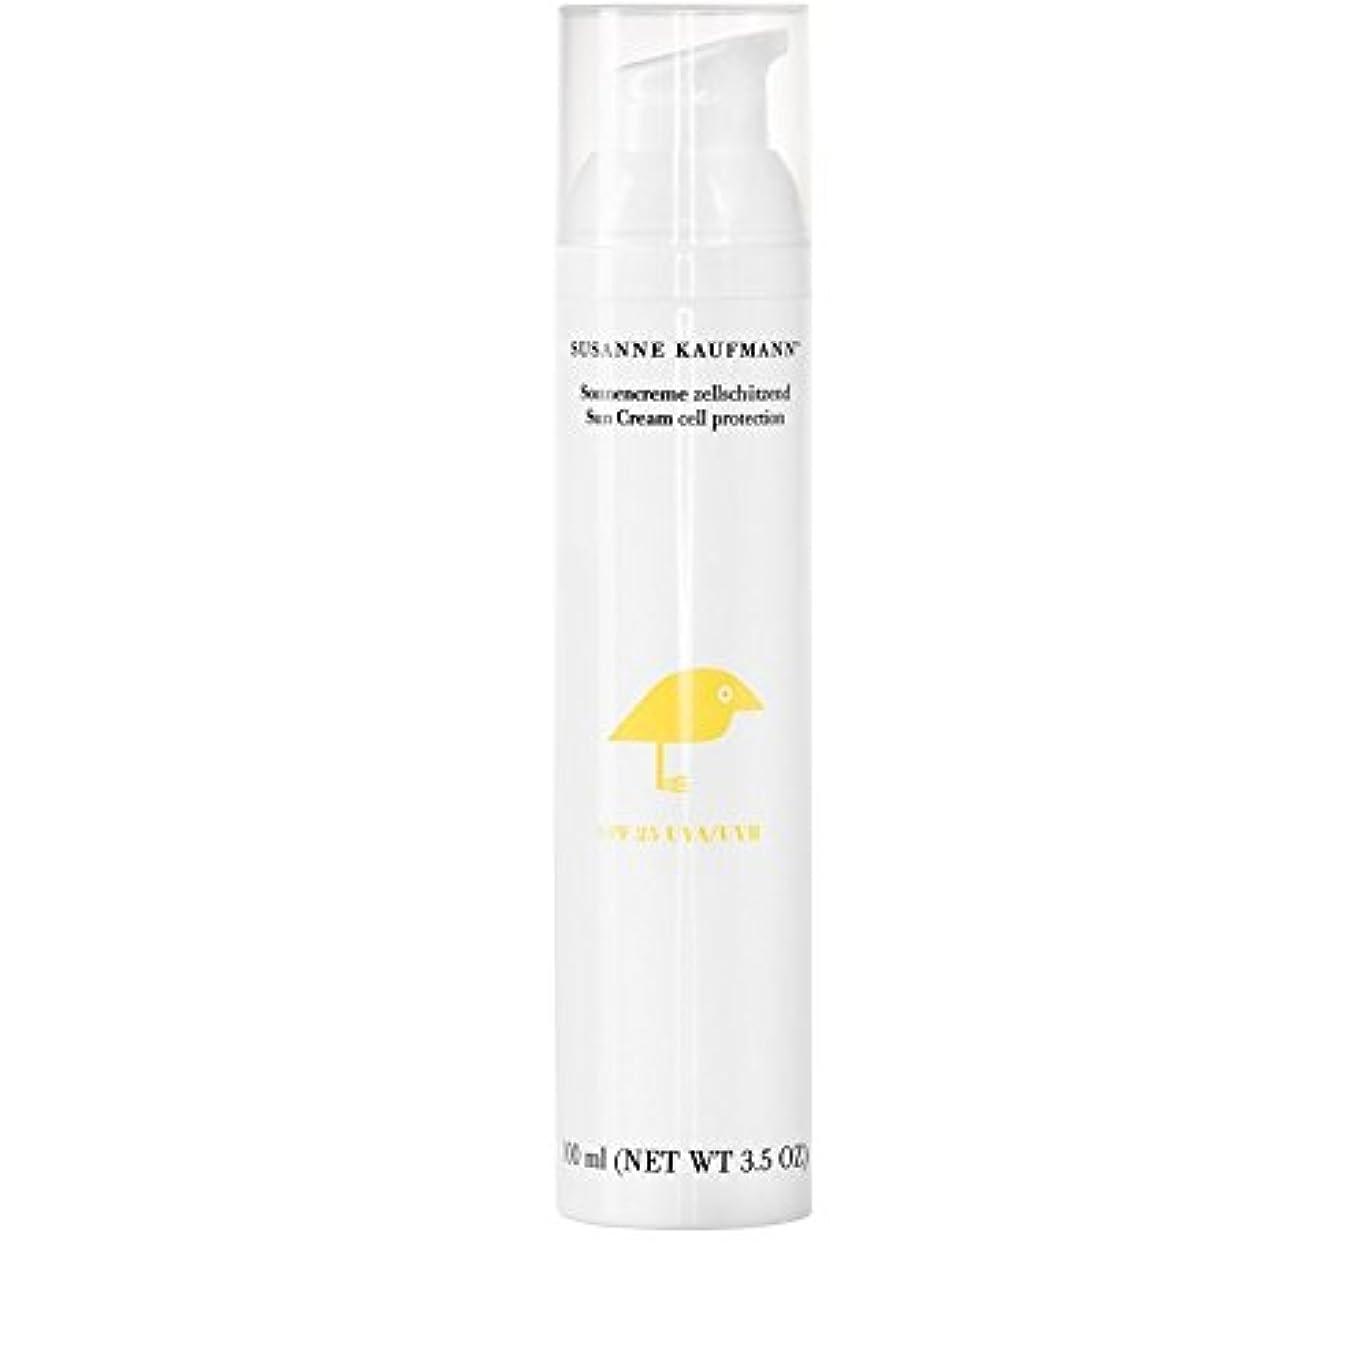 猛烈なつかの間脚本Susanne Kaufmann Cell Protection Sun Cream SPF25 100ml - スザンヌカウフマン細胞保護日クリーム25の100ミリリットル [並行輸入品]